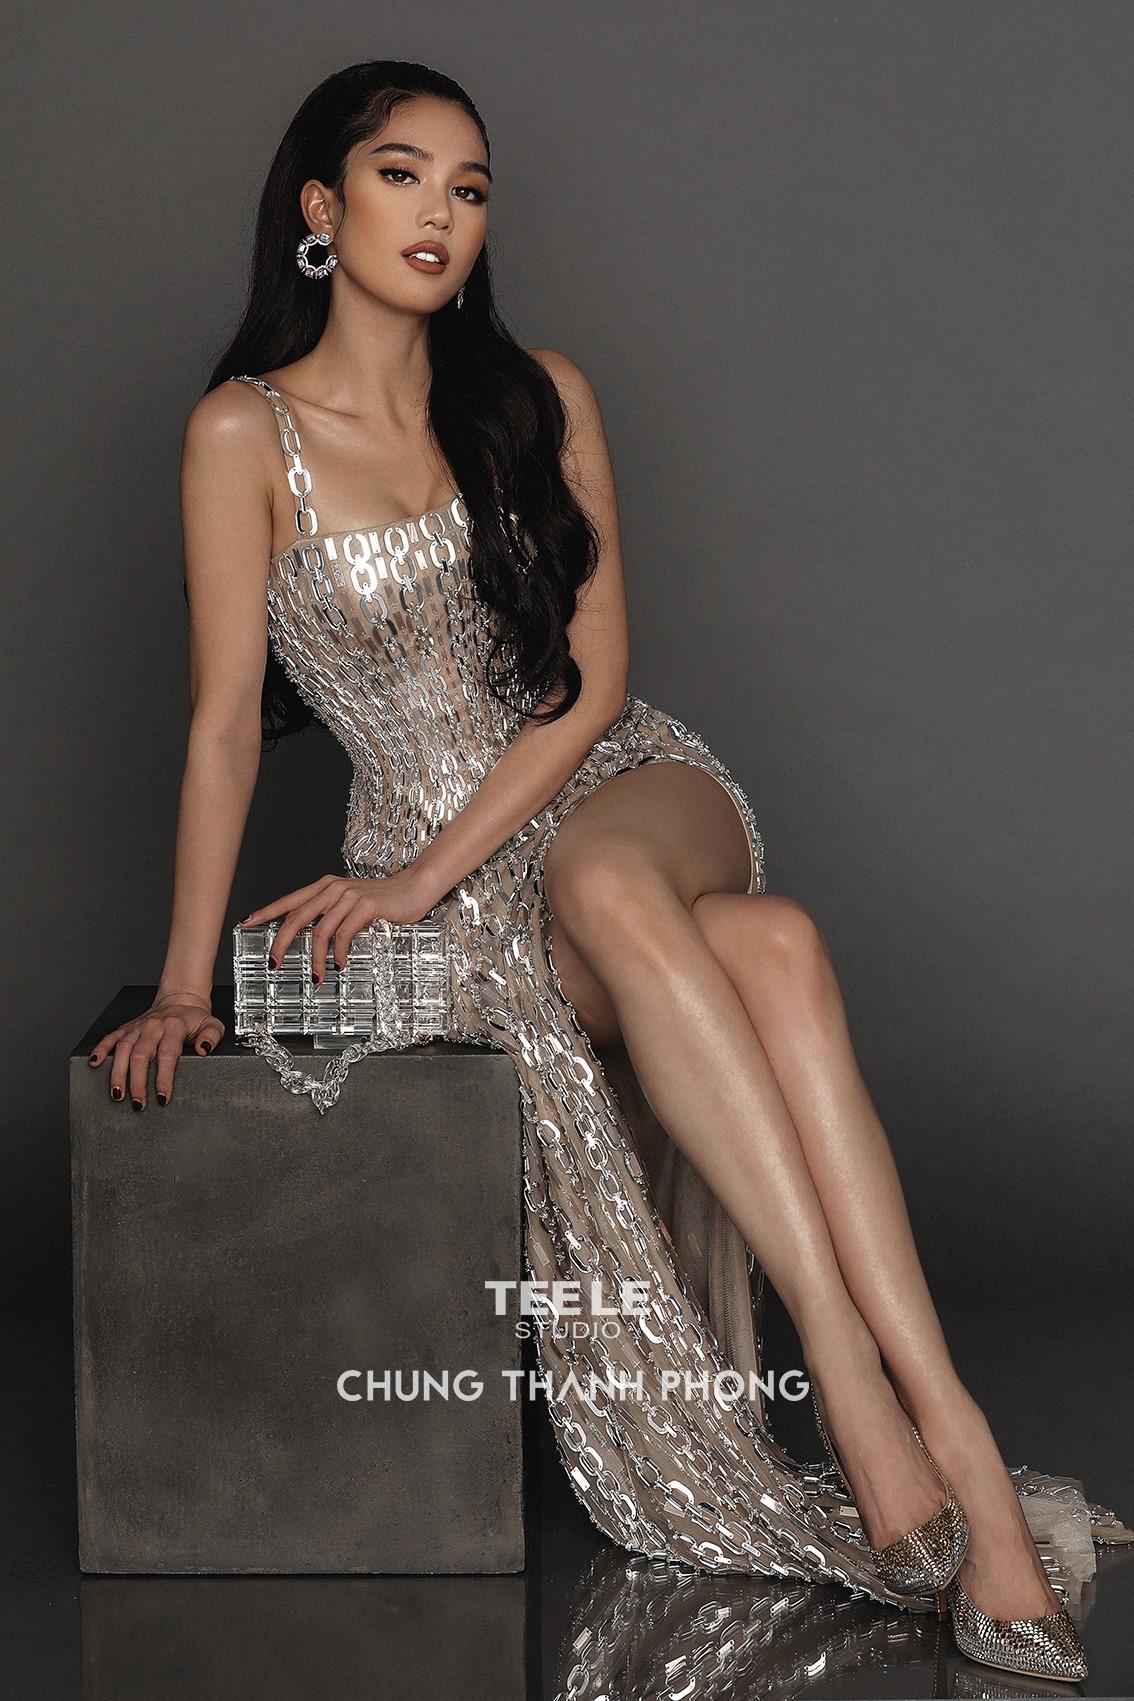 Nữ danh ca Hollywood thả dáng trong thiết kế của NTK Chung Thanh Phong, bộ đầm ánh kim tương tự bộ Ngọc Trinh từng khoe dáng - Ảnh 4.